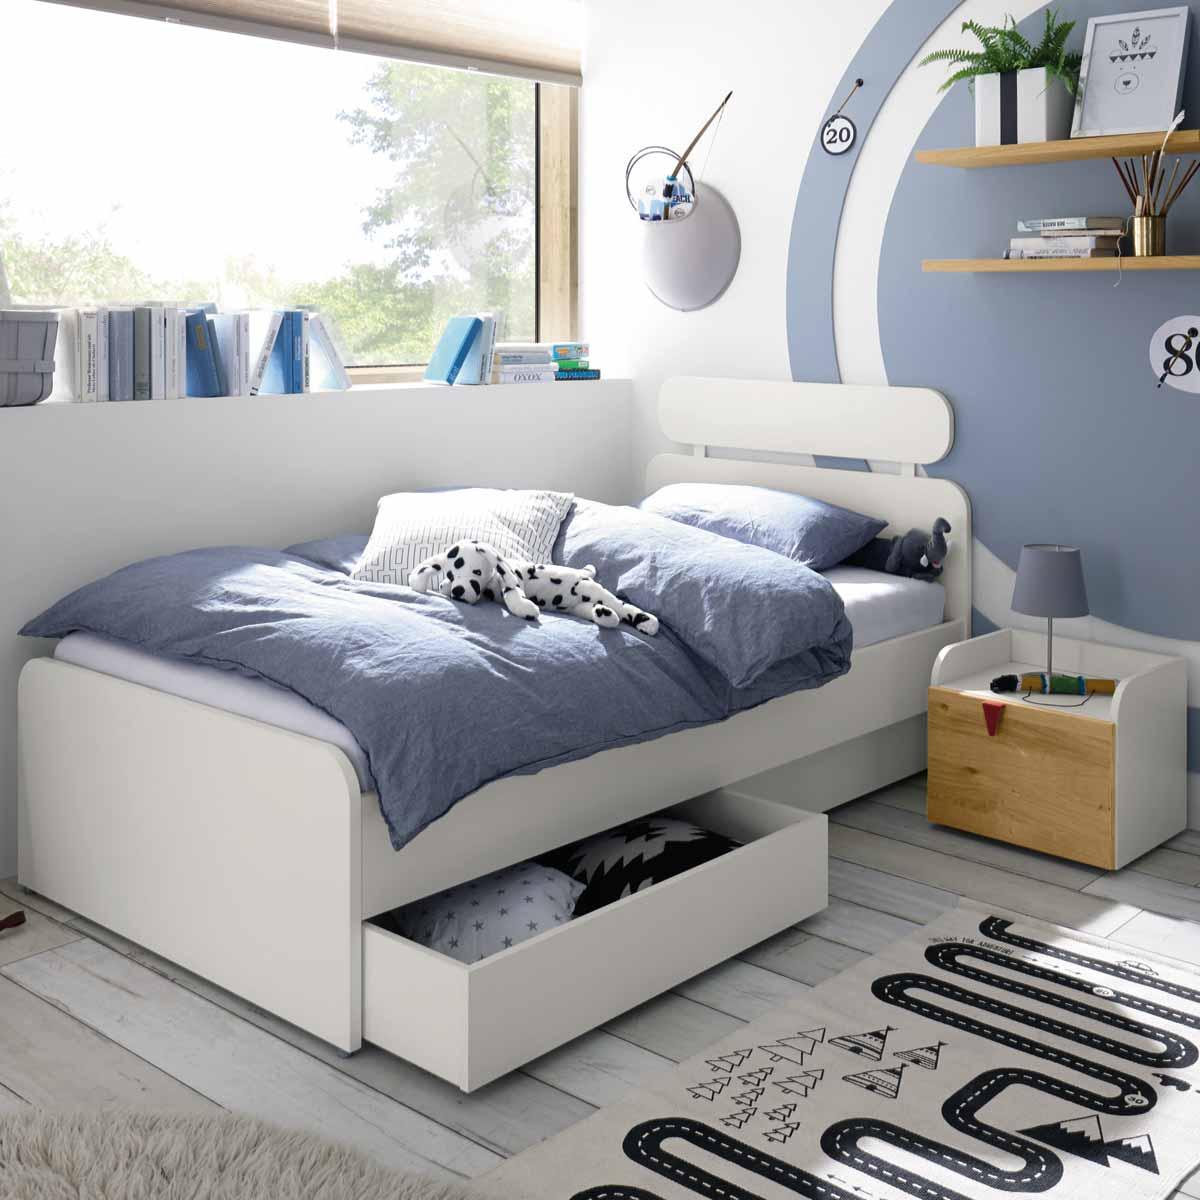 Full Size of Hlsta Now Minimo Bett 120x200 Cm Schneewei Toppreis Betten Weiß Mit Matratze Und Lattenrost Bettkasten Wohnzimmer Kinderbett 120x200